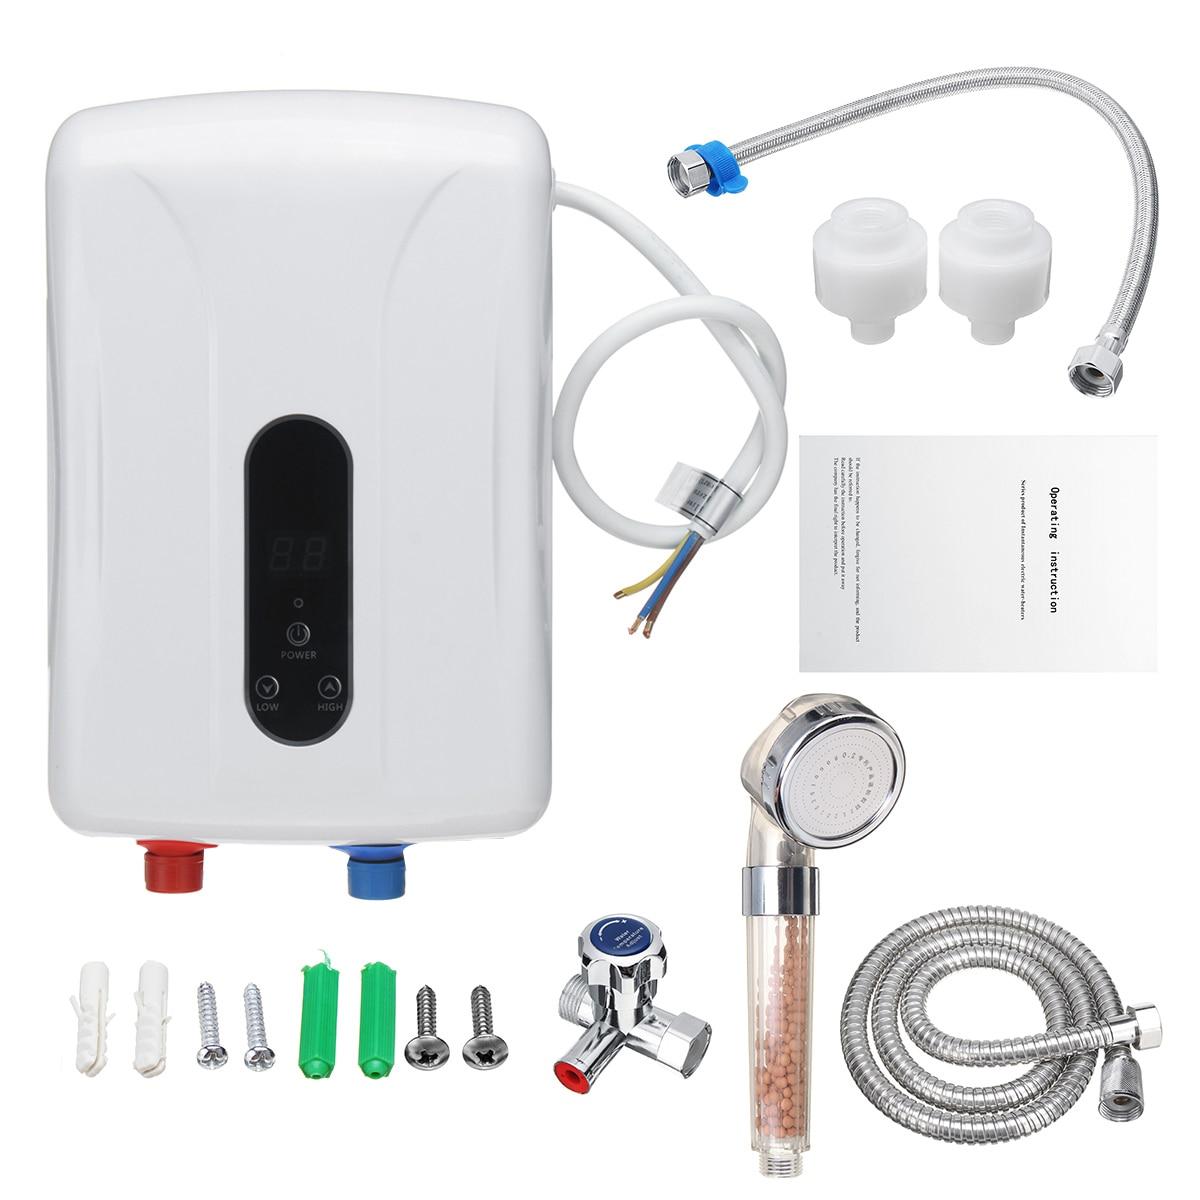 5500W chauffe-eau électrique instantané sans réservoir affichage de LED chauffe-eau température constante Protection contre les fuites douche maison